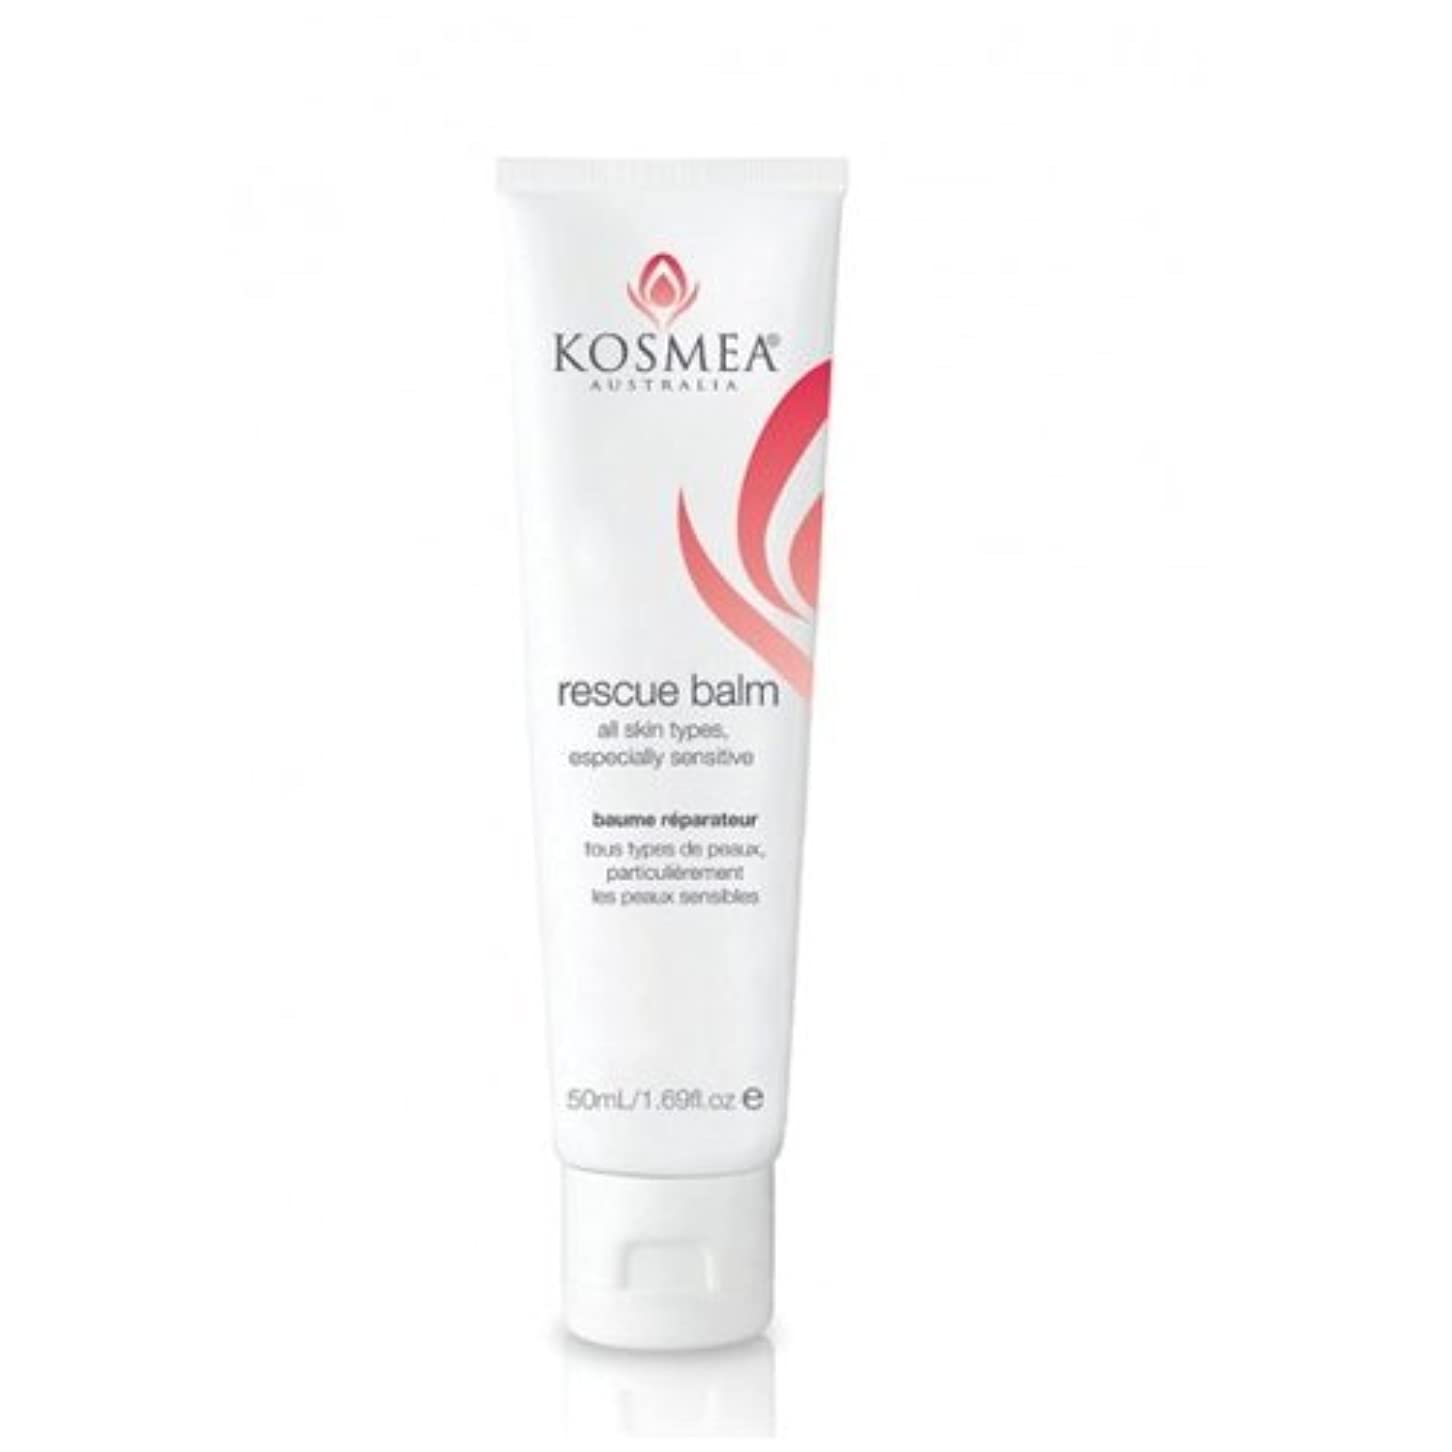 化学者放つコミットメント【KOSMEA】Skin Clinic TM Rescue Balm コスメア レスキューバーム 50ml【並行輸入品】【海外直送品】